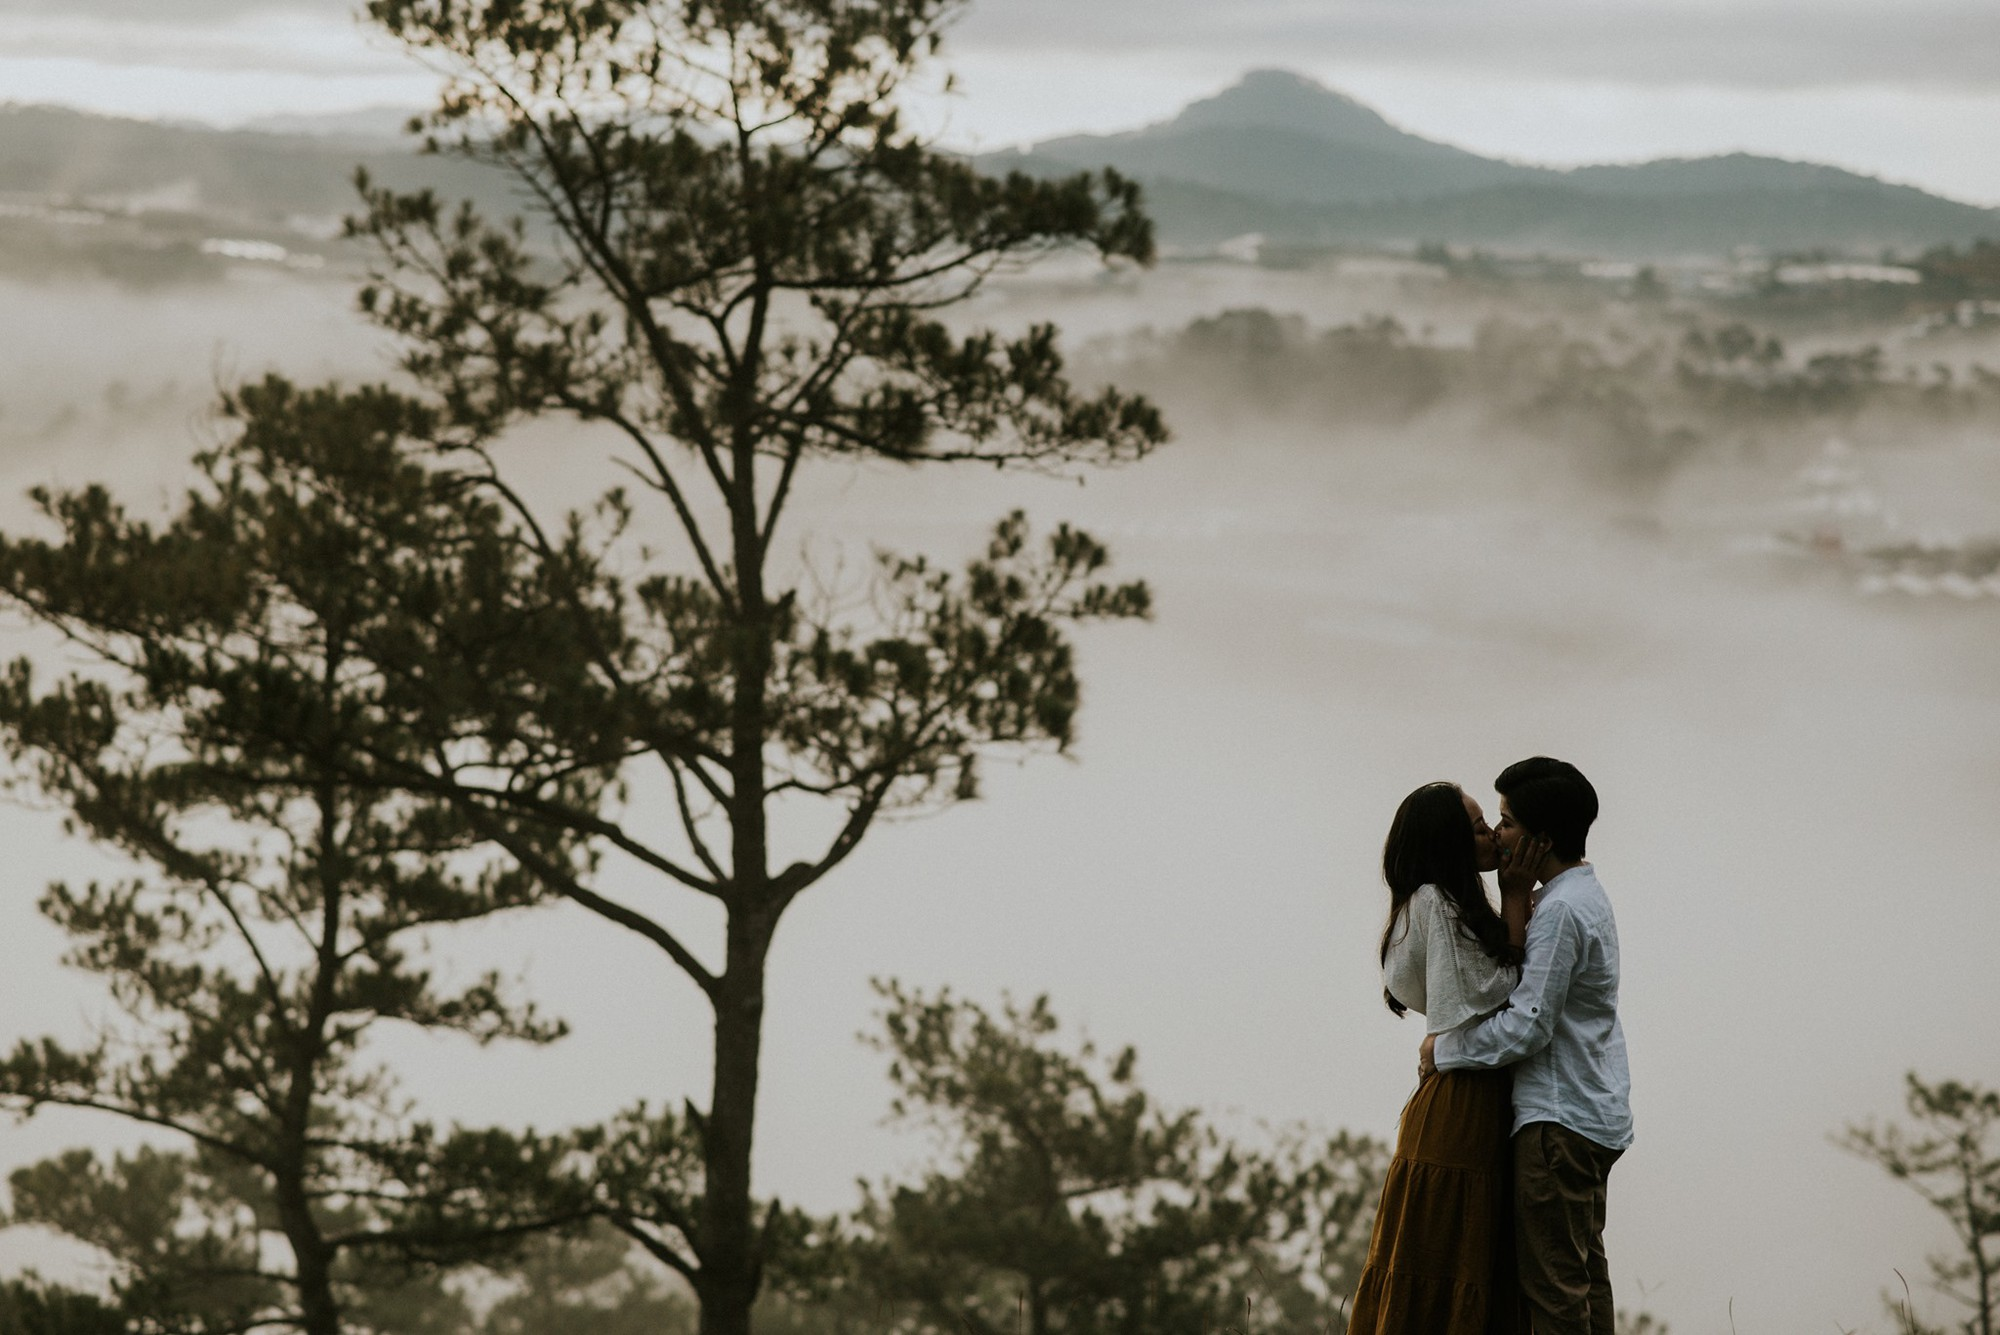 Anh và Hương - Bộ ảnh kỷ niệm một năm ngày cưới của cặp đôi LGBT giữa Đà Lạt mộng mơ khiến nhiều người xuýt xoa - Ảnh 1.